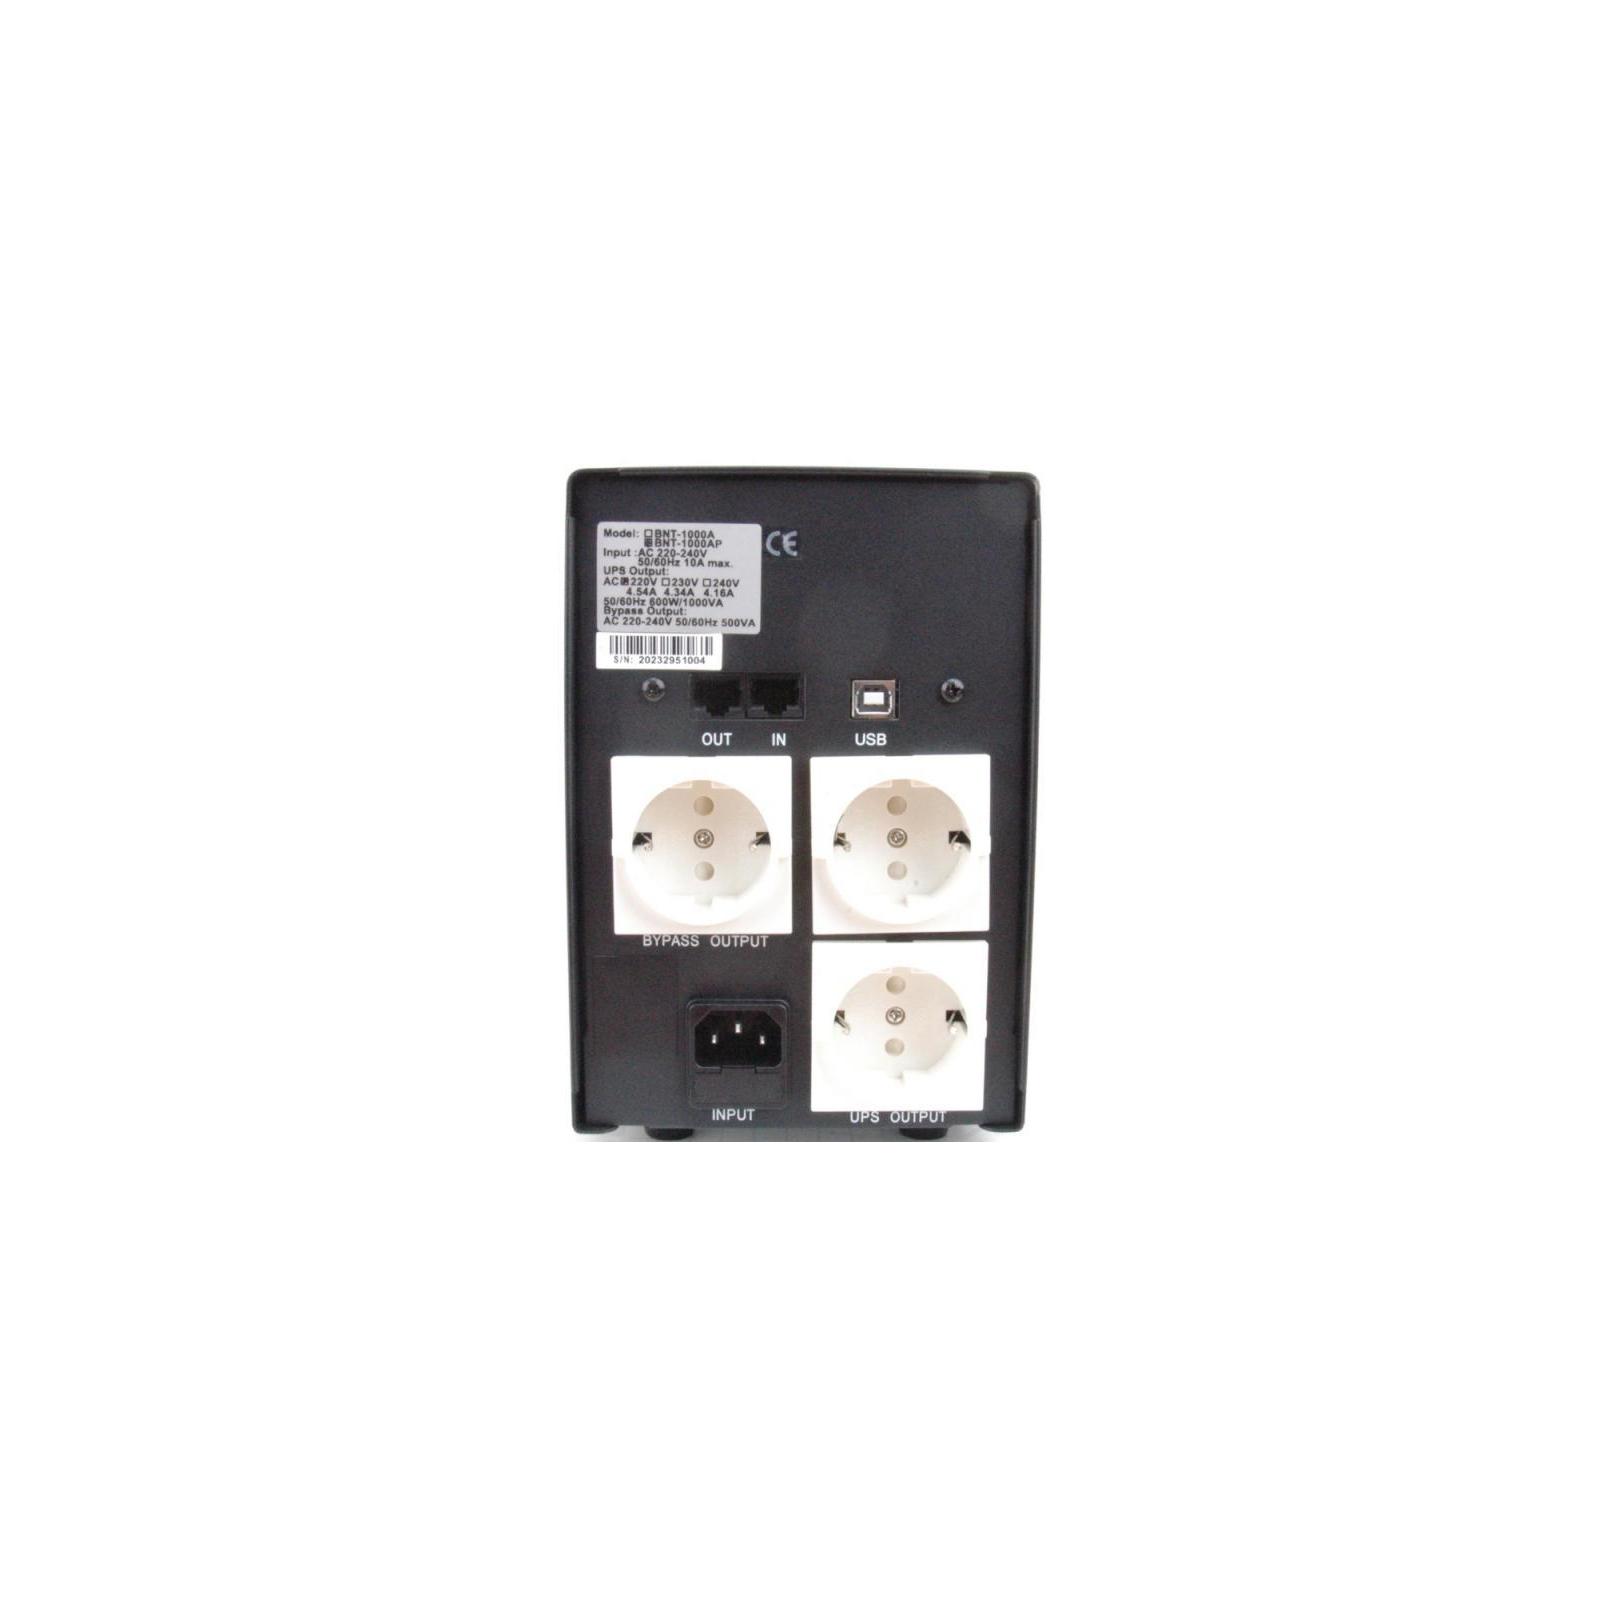 Источник бесперебойного питания BNT-1000 AP USB Powercom (BNT-1000 AP USB Schuko) изображение 2